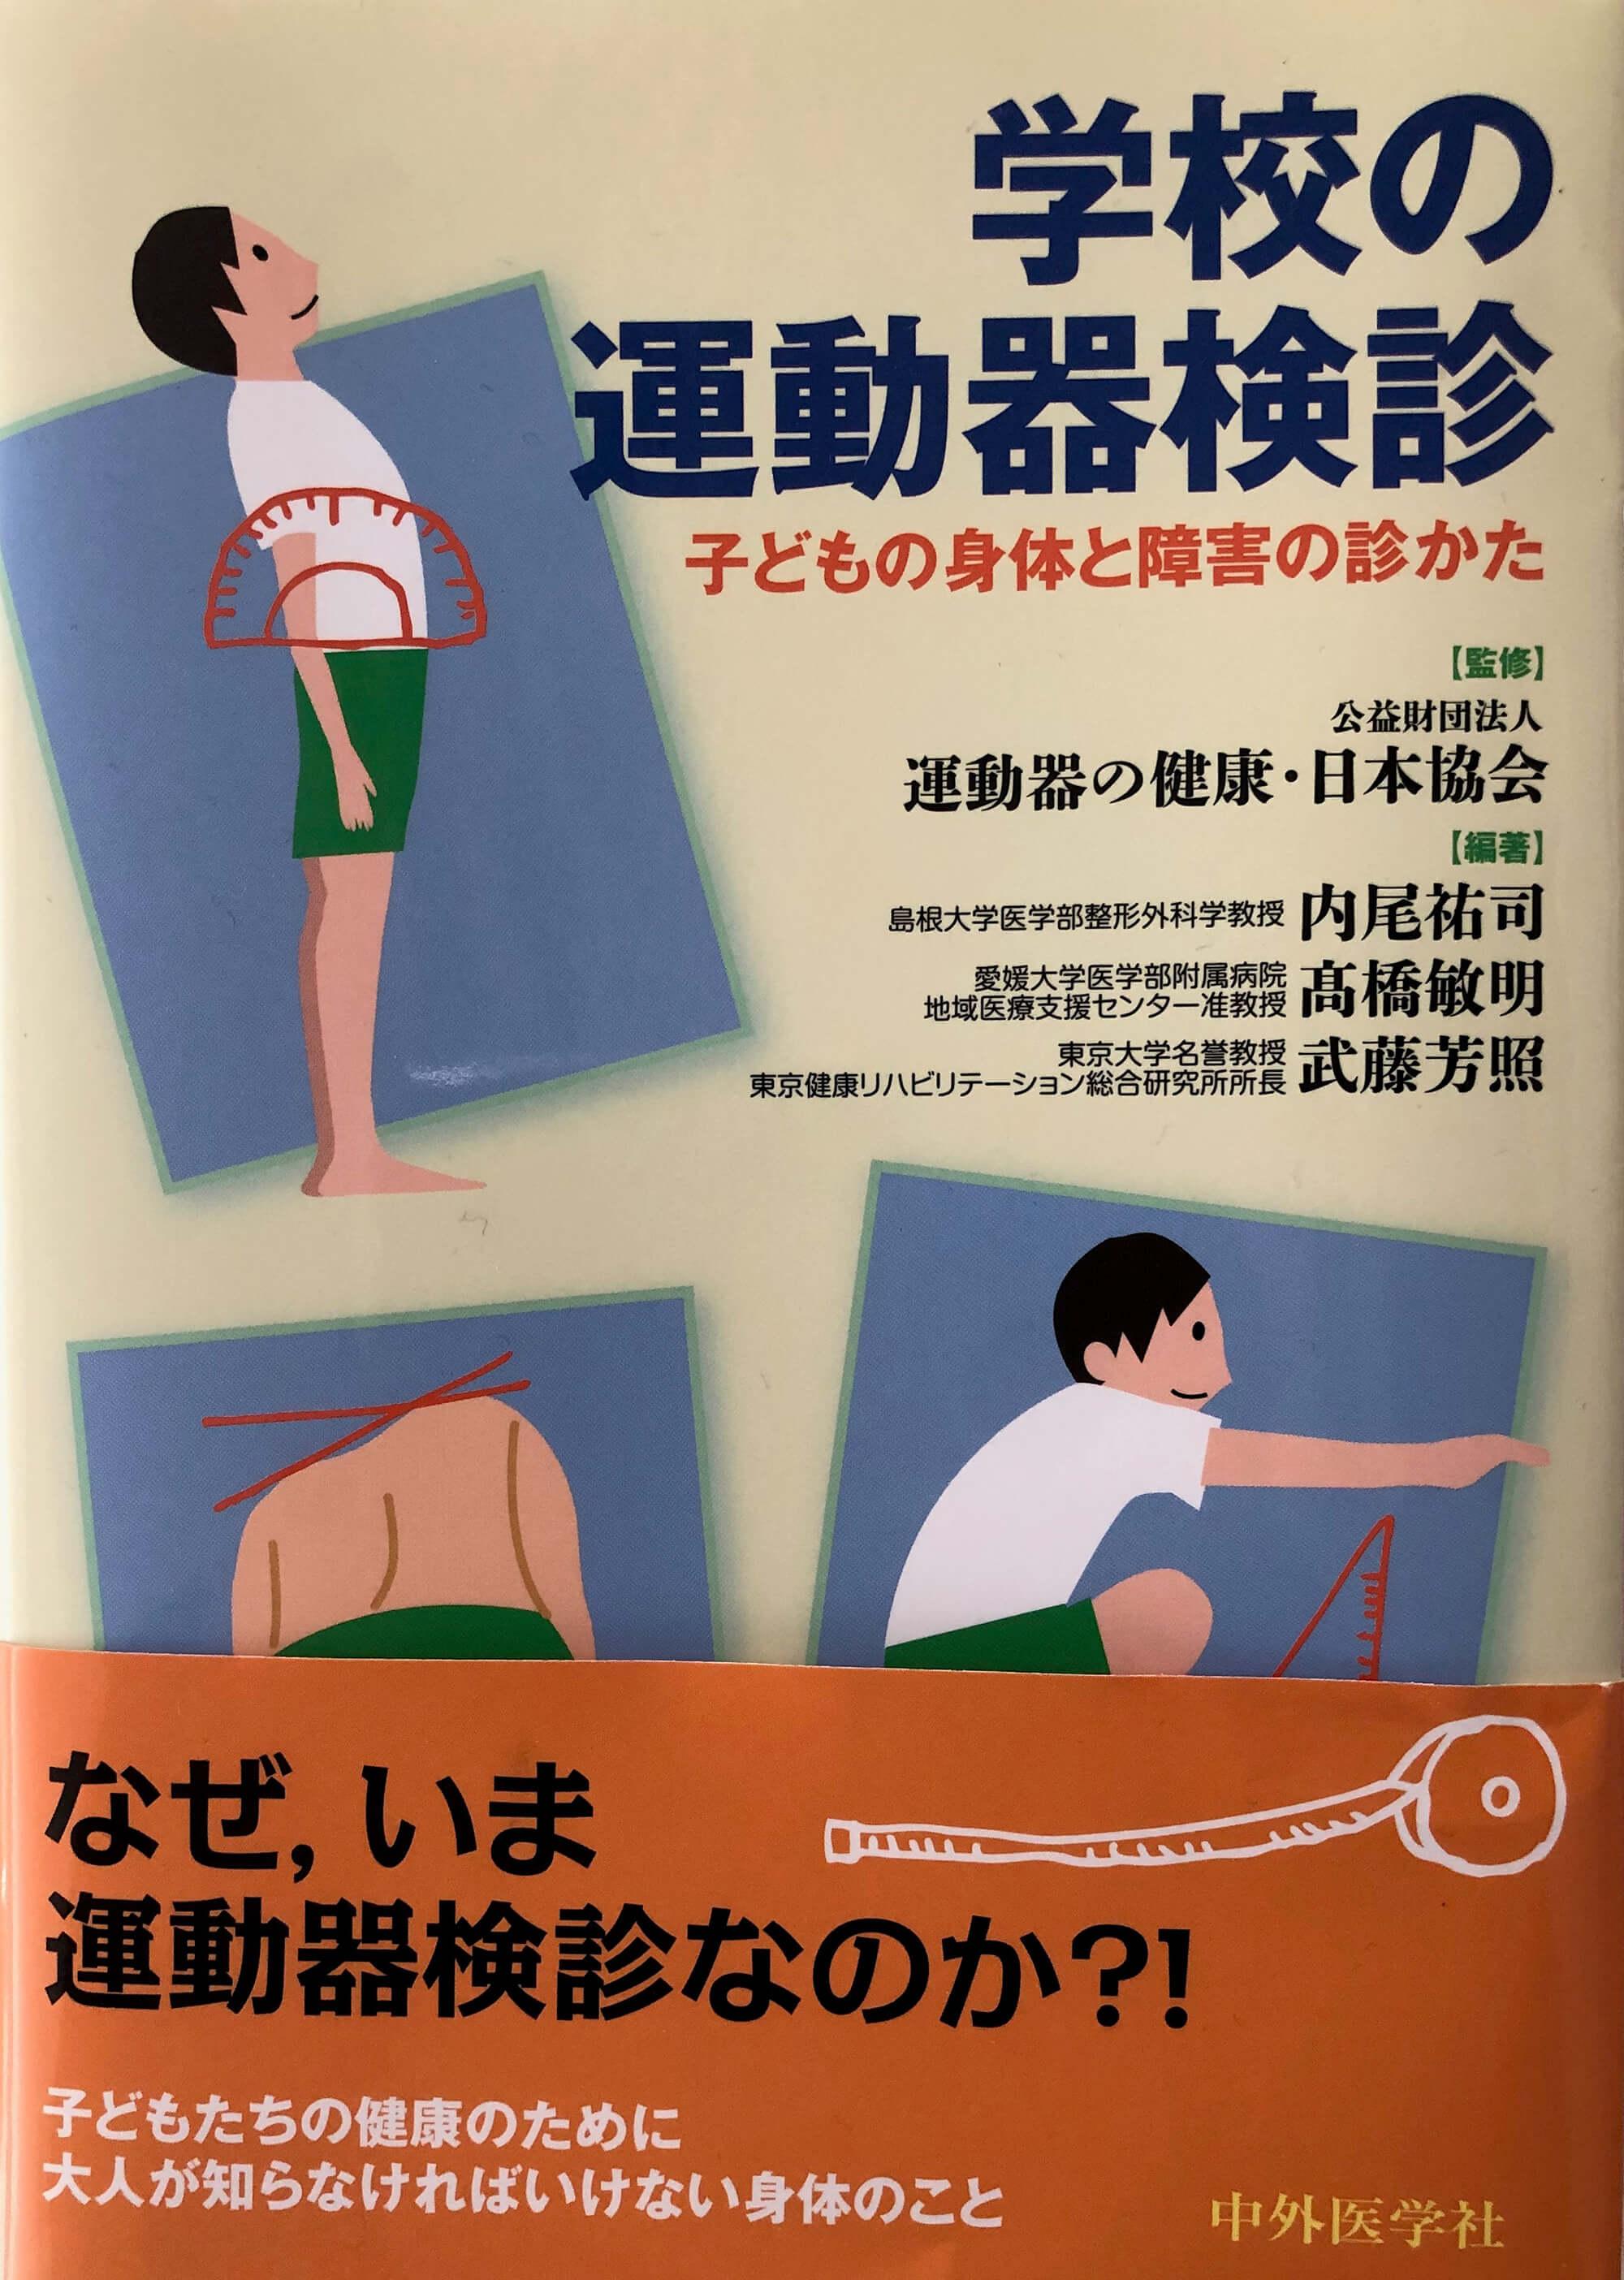 運動器検診のマニュアル本「子どもの健康を守る必読の1冊」